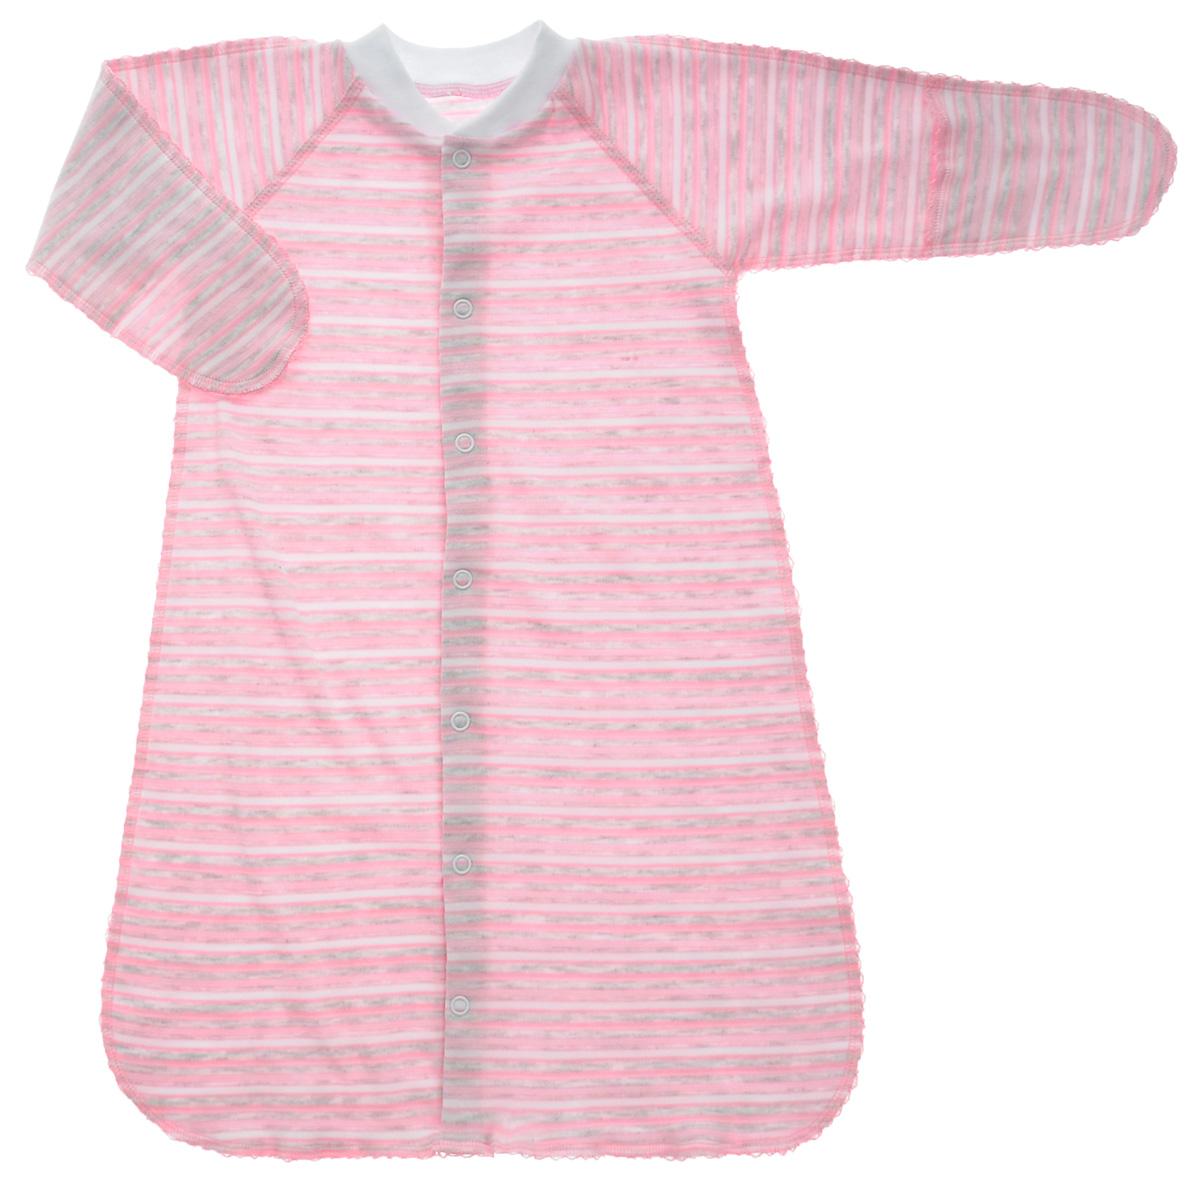 Спальный мешок унисекс Фреш стайл, цвет: розовый. 39-528 розовый, белый, серый. Размер 18, 50 см, 0-1 месяц39-528Спальный мешок Фреш Стайл идеально подойдет вашему ребенку для сна и прогулок, обеспечивая ему наибольший комфорт. Изготовленный 100% хлопка, он необычайно мягкий и легкий, не раздражают нежную кожу ребенка и хорошо вентилируются, а эластичные швы приятны телу ребенка и не препятствуют его движениям. Спальный мешок с длинными рукавами и швами наружу застегивается на удобные застежки-кнопки по всей длине, которые помогают легко переодеть младенца или сменить подгузник. Благодаря рукавичкам ребенок не поцарапает себя.Спальный мешок полностью соответствует особенностям жизни ребенка в ранний период, не стесняя и не ограничивая ее в движениях!